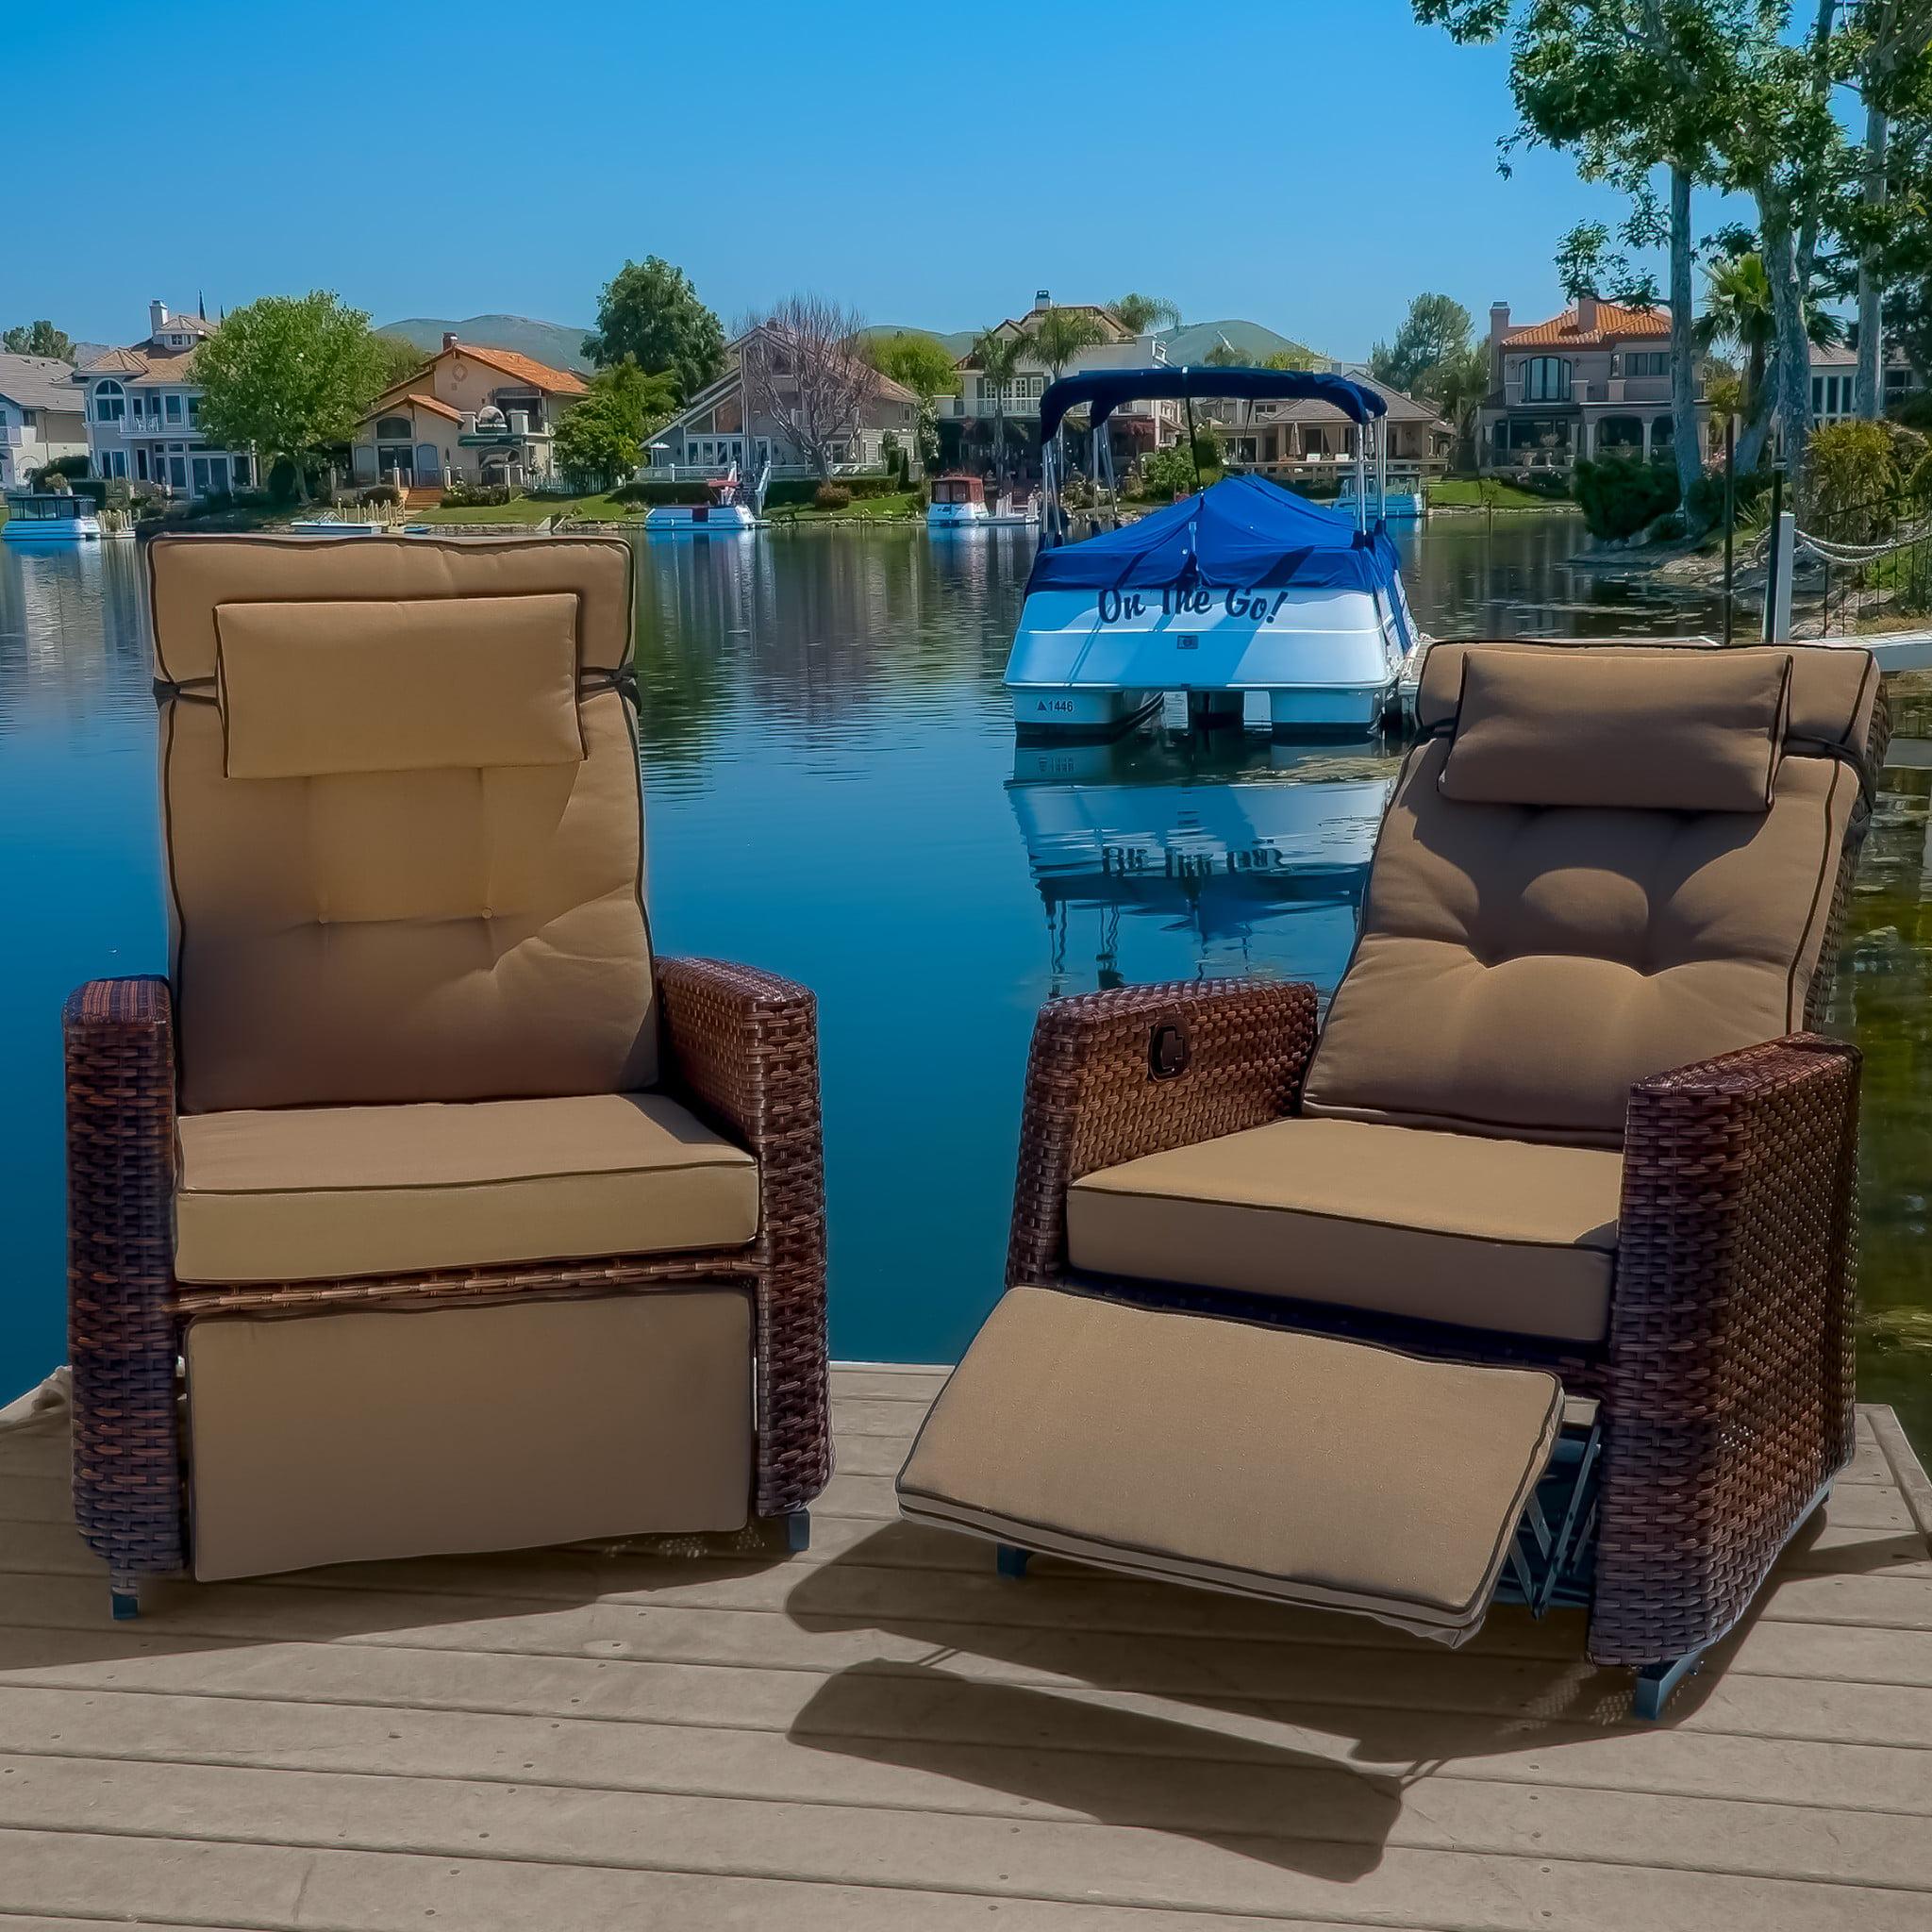 Elegant Pool City Patio Furniture